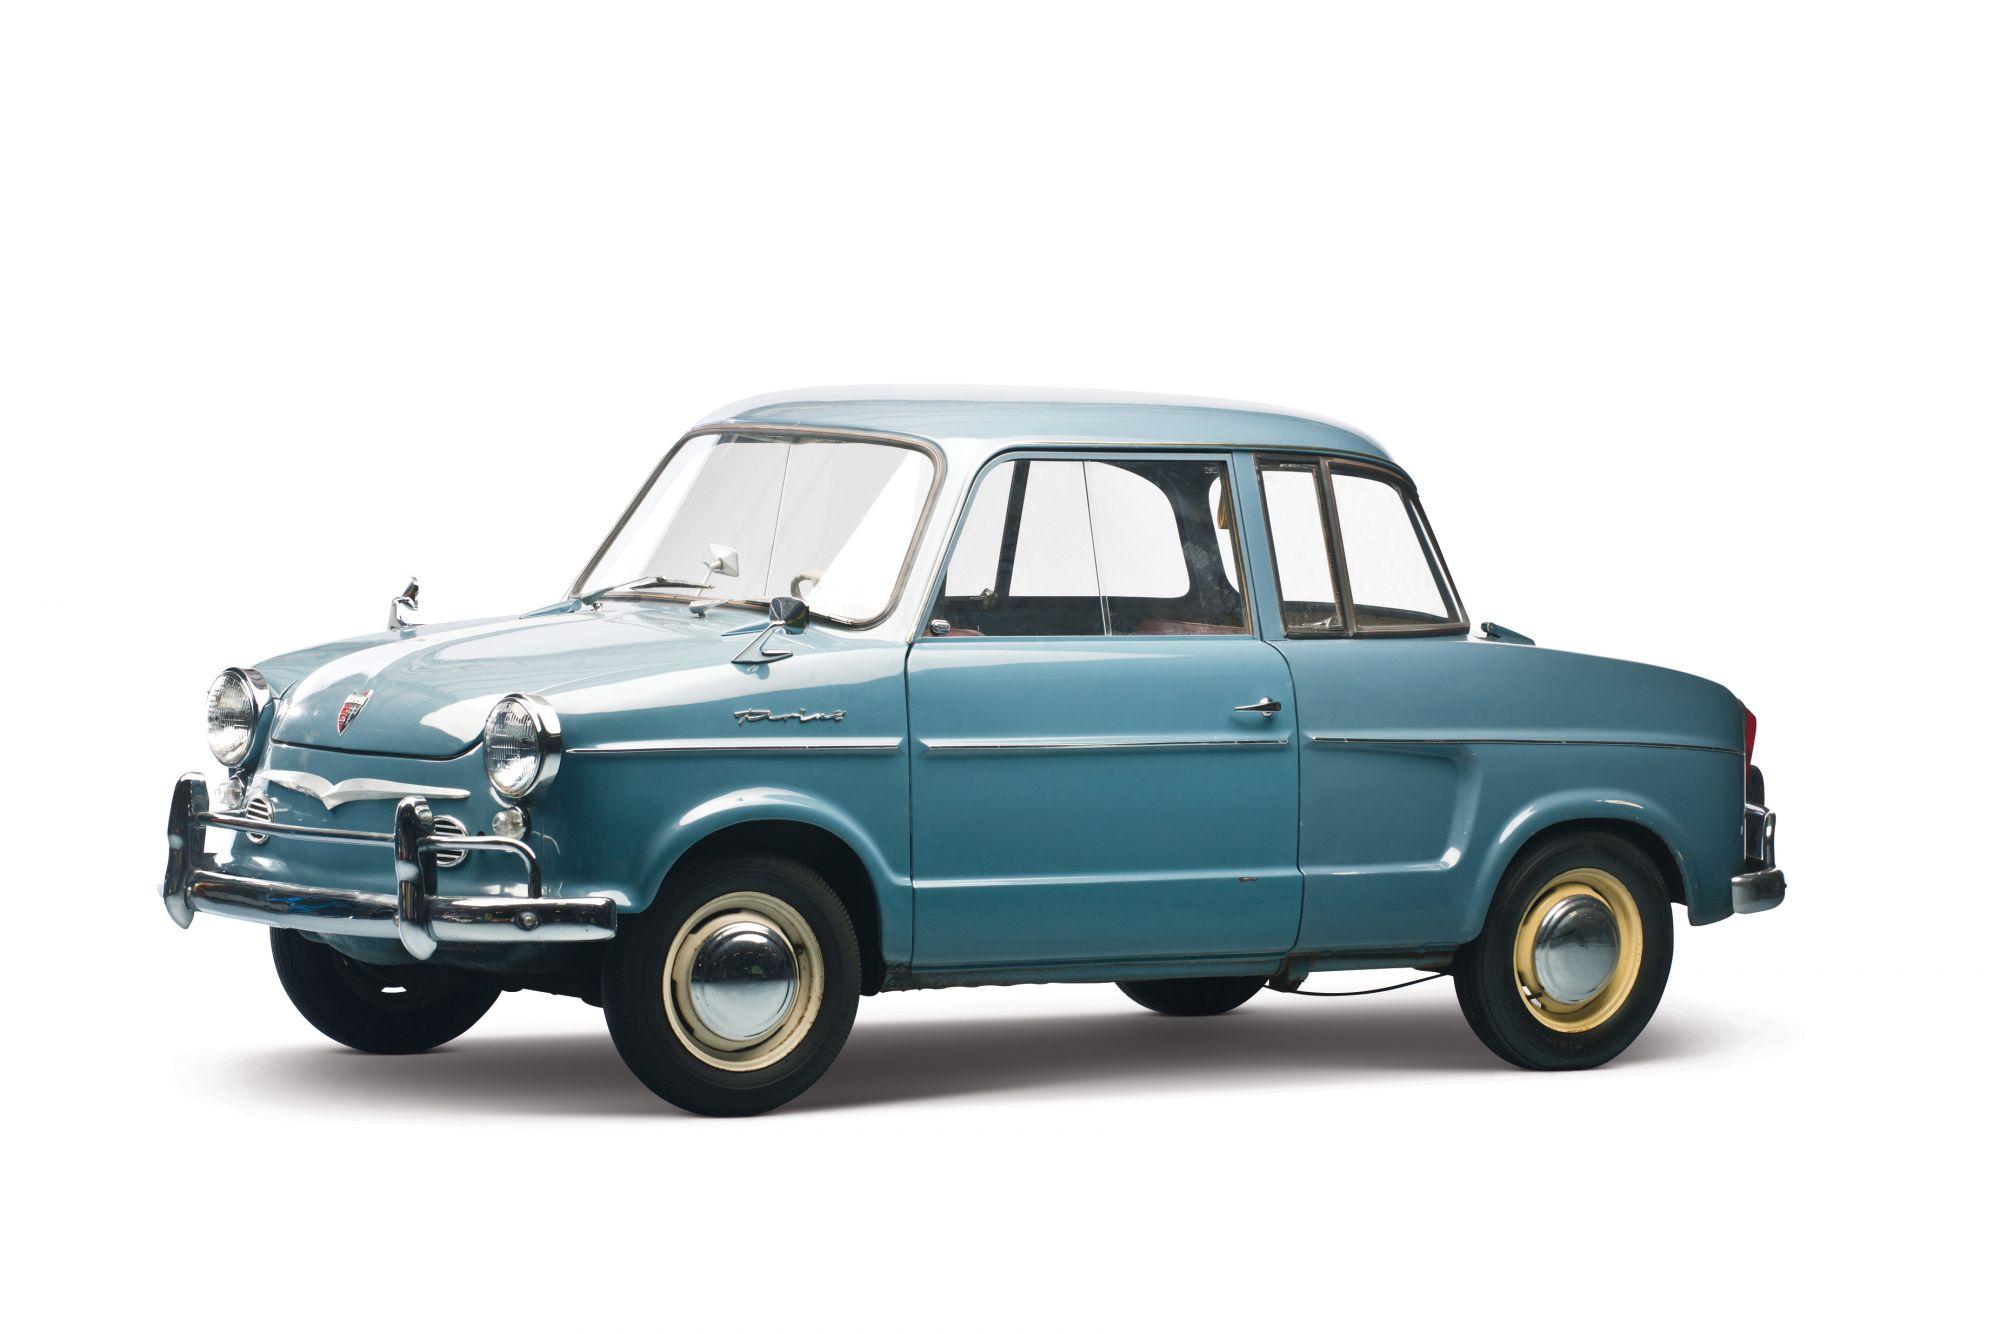 Id An Old Car